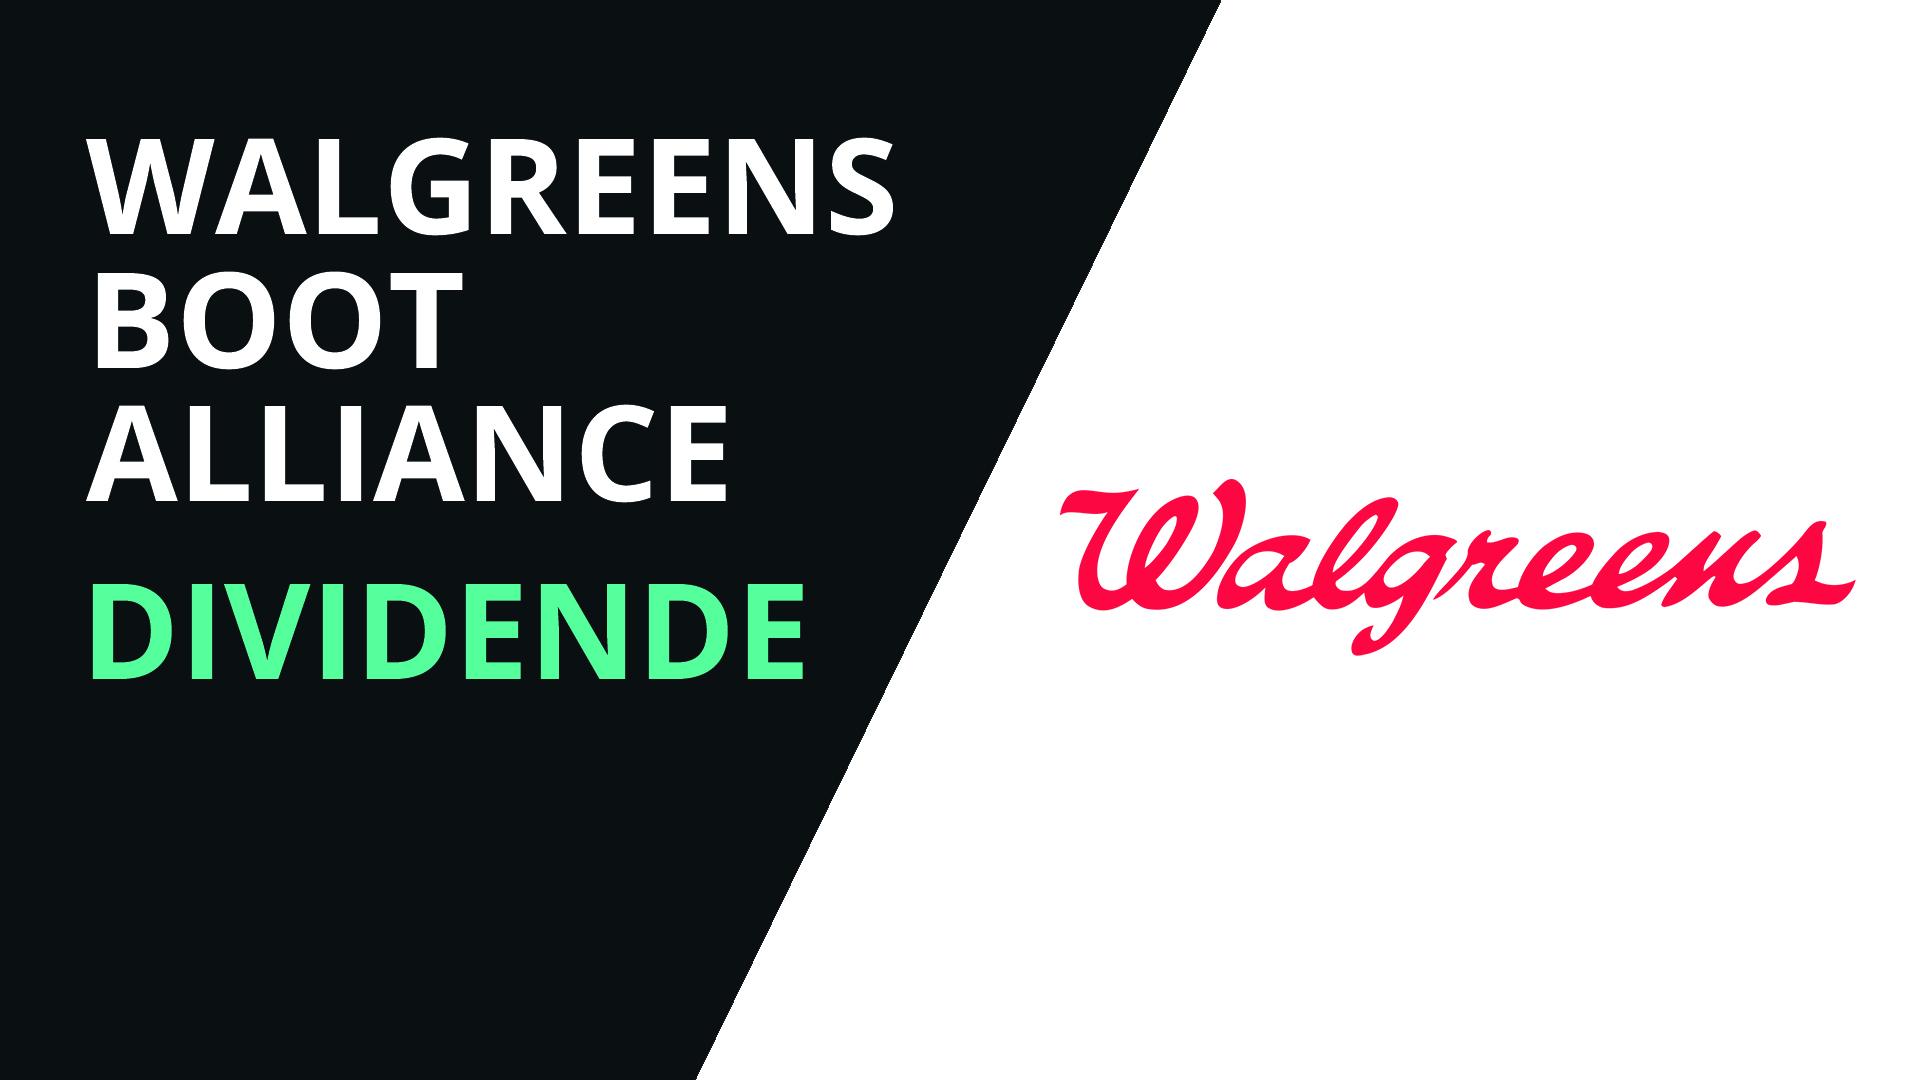 Walgreens Dividende